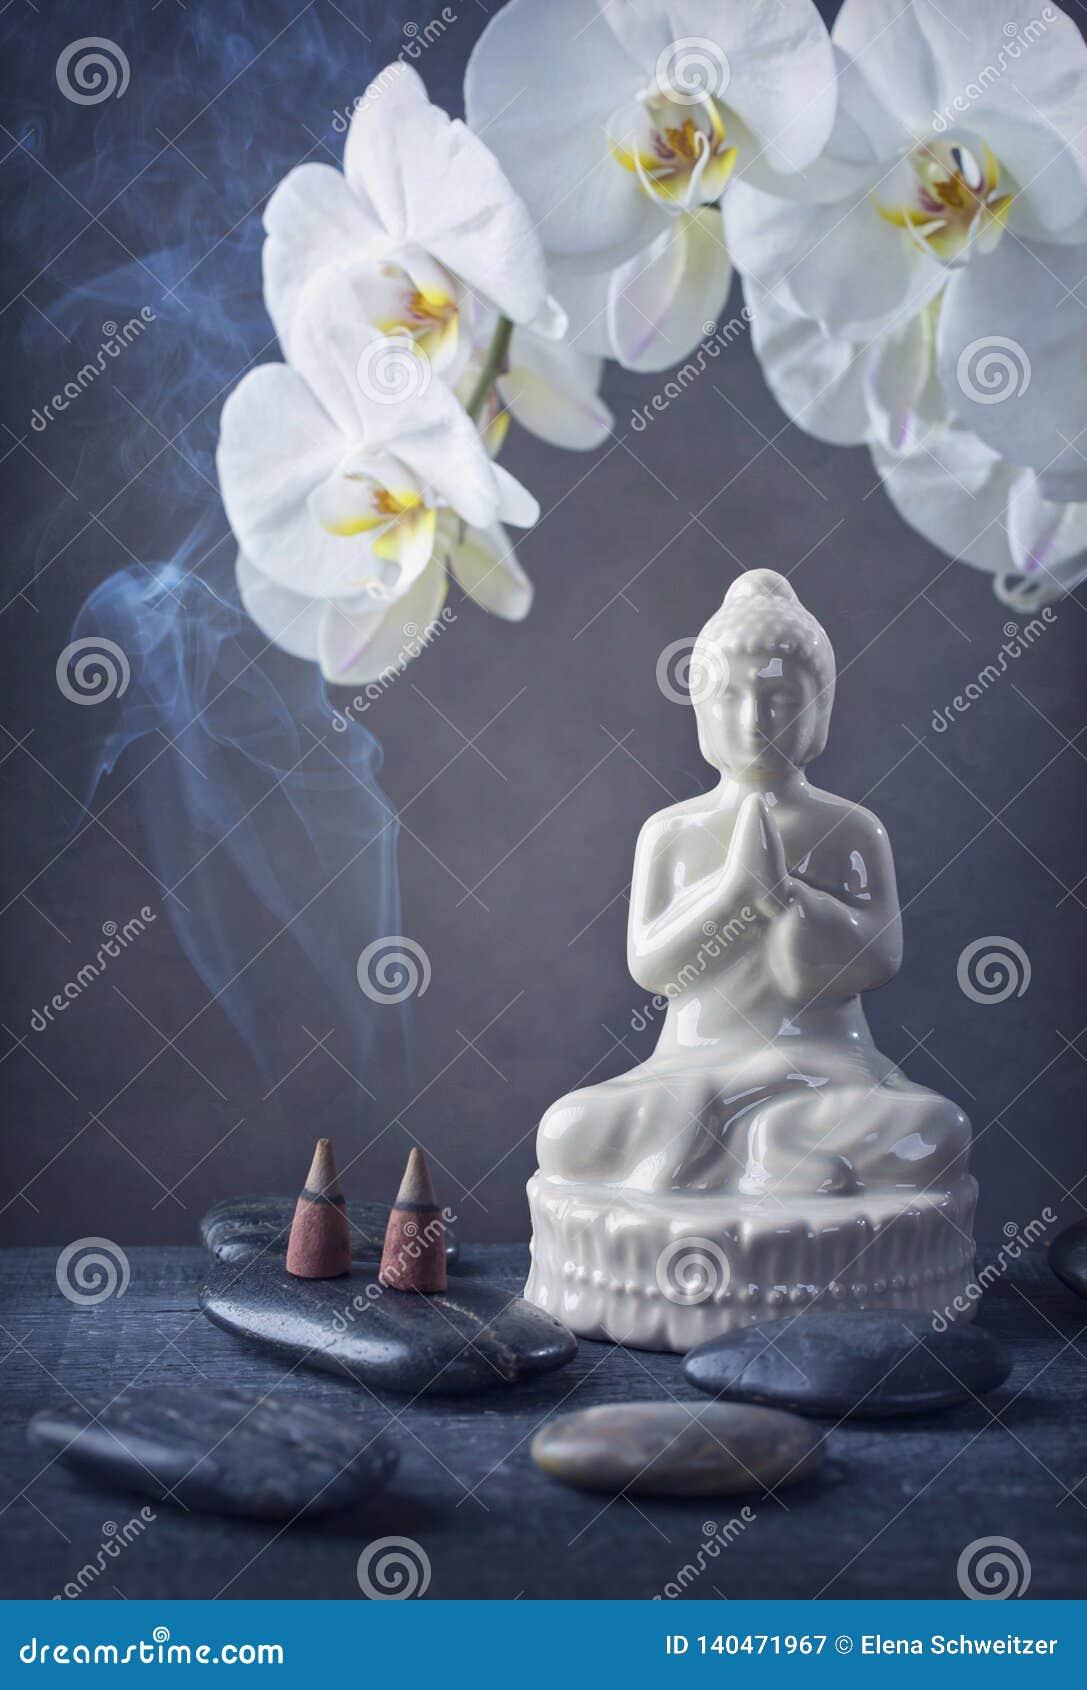 Buddha statue and burning cone